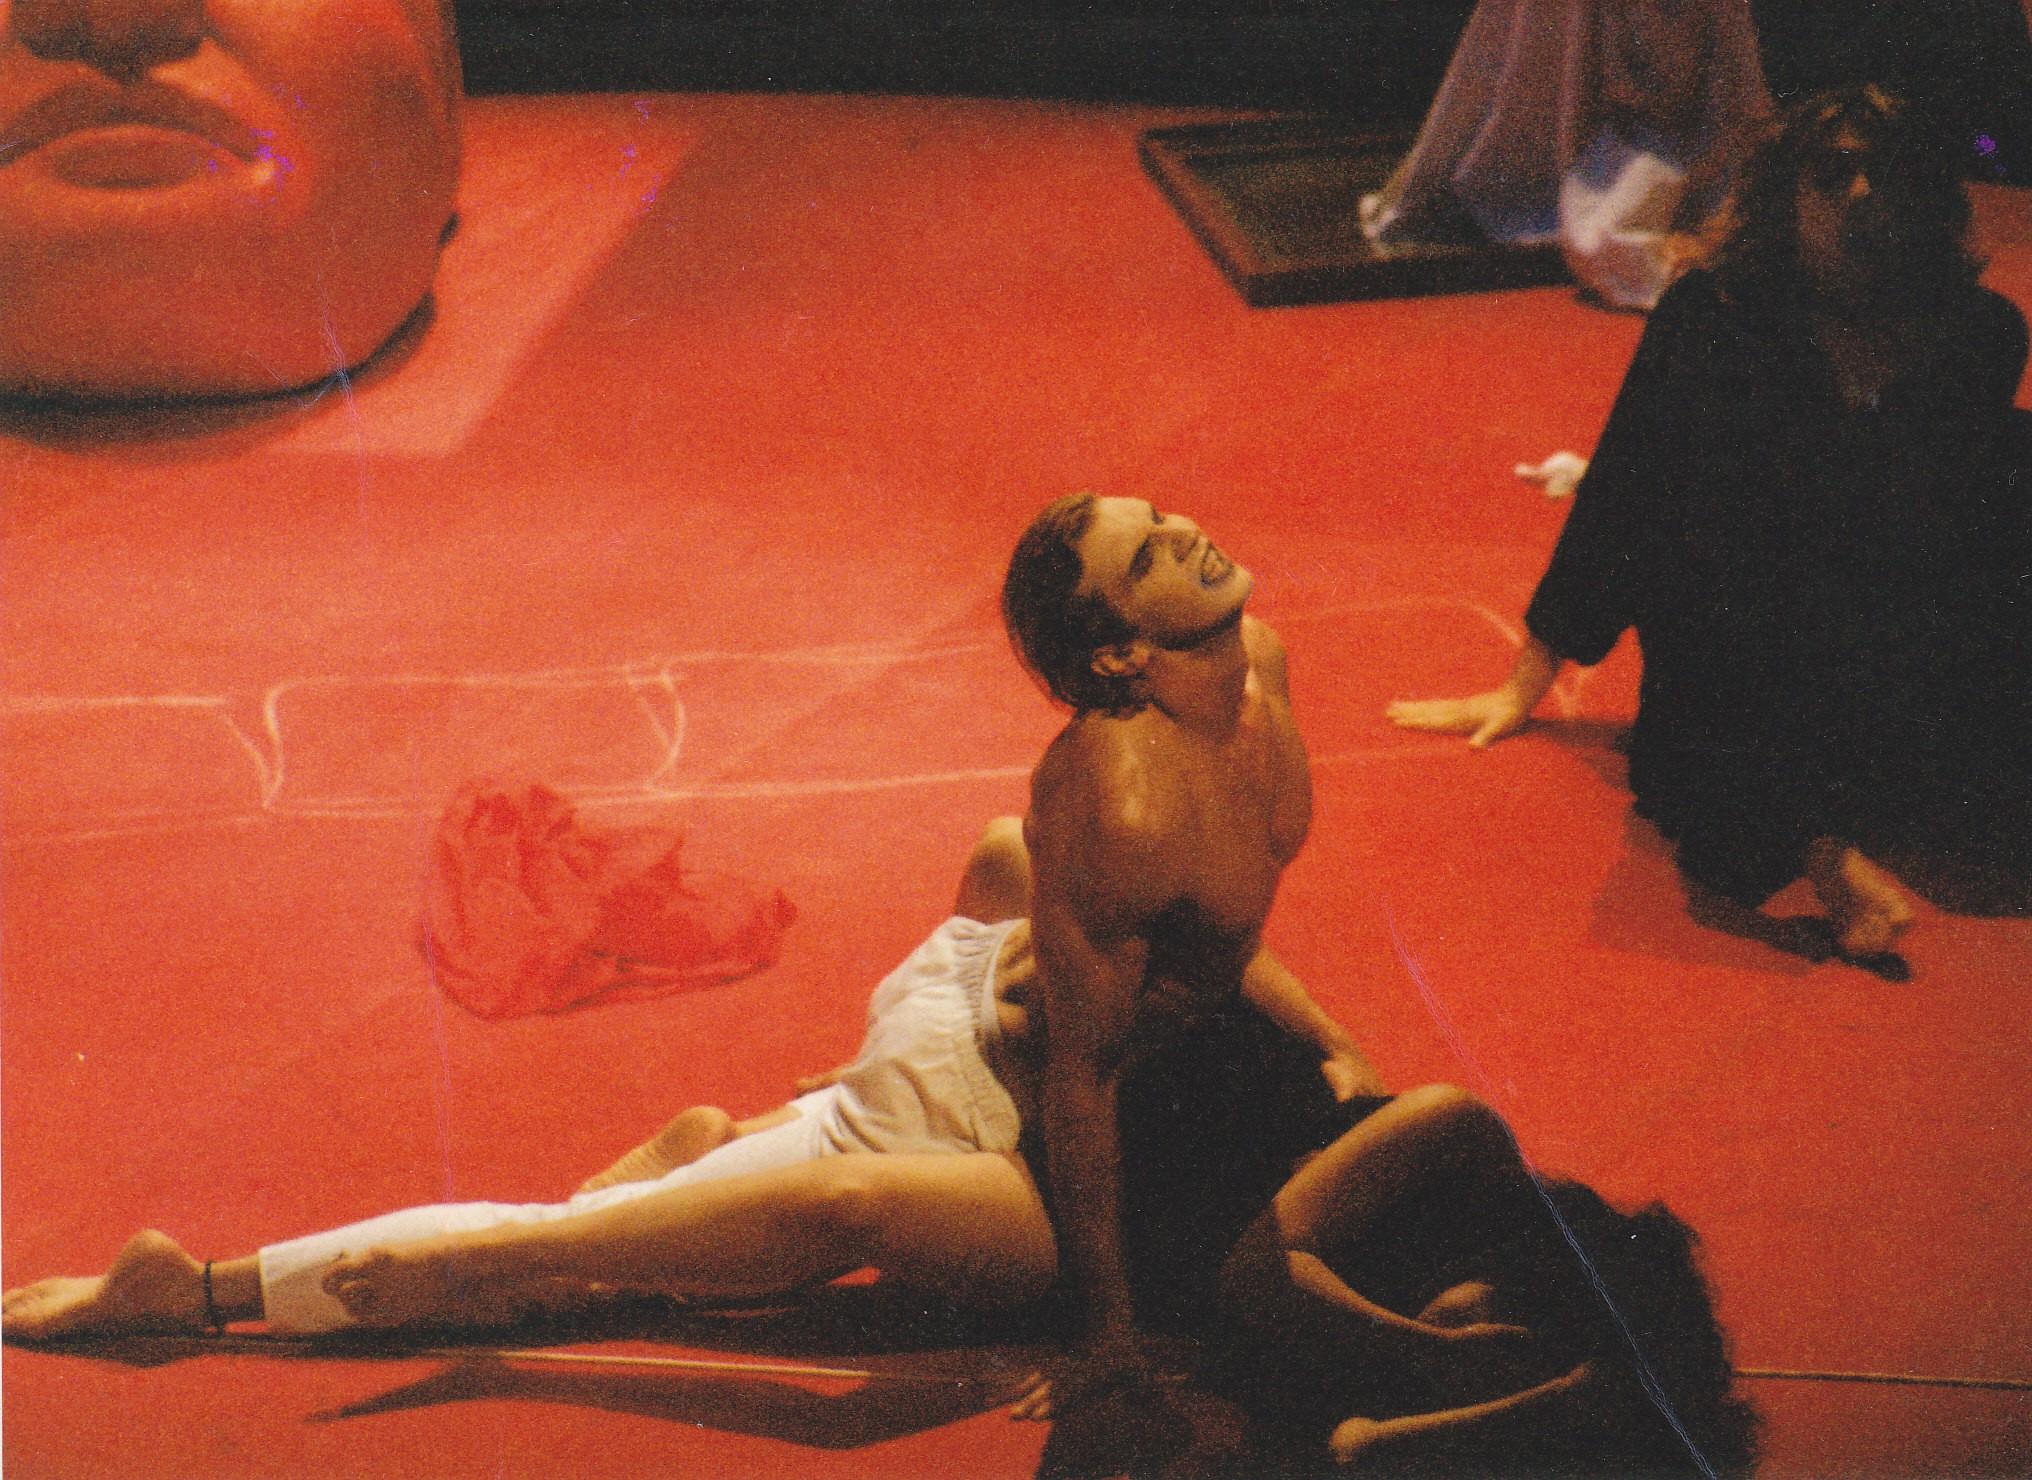 Robert Chionis - Tarquinius in RAPE OF LUCRETIA (Wiener Taschenoper)